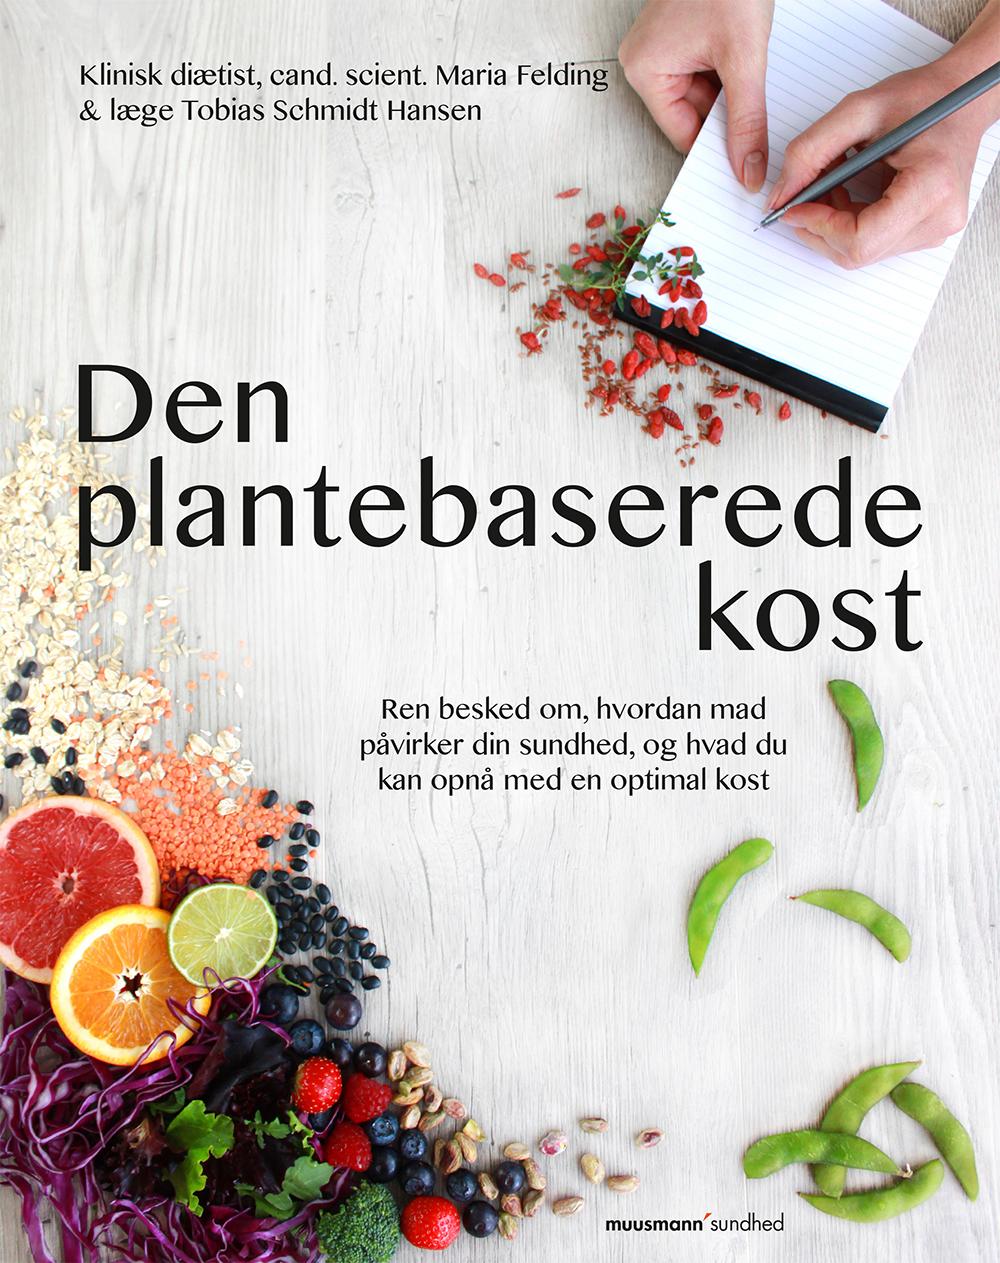 Den plantebaserede kost